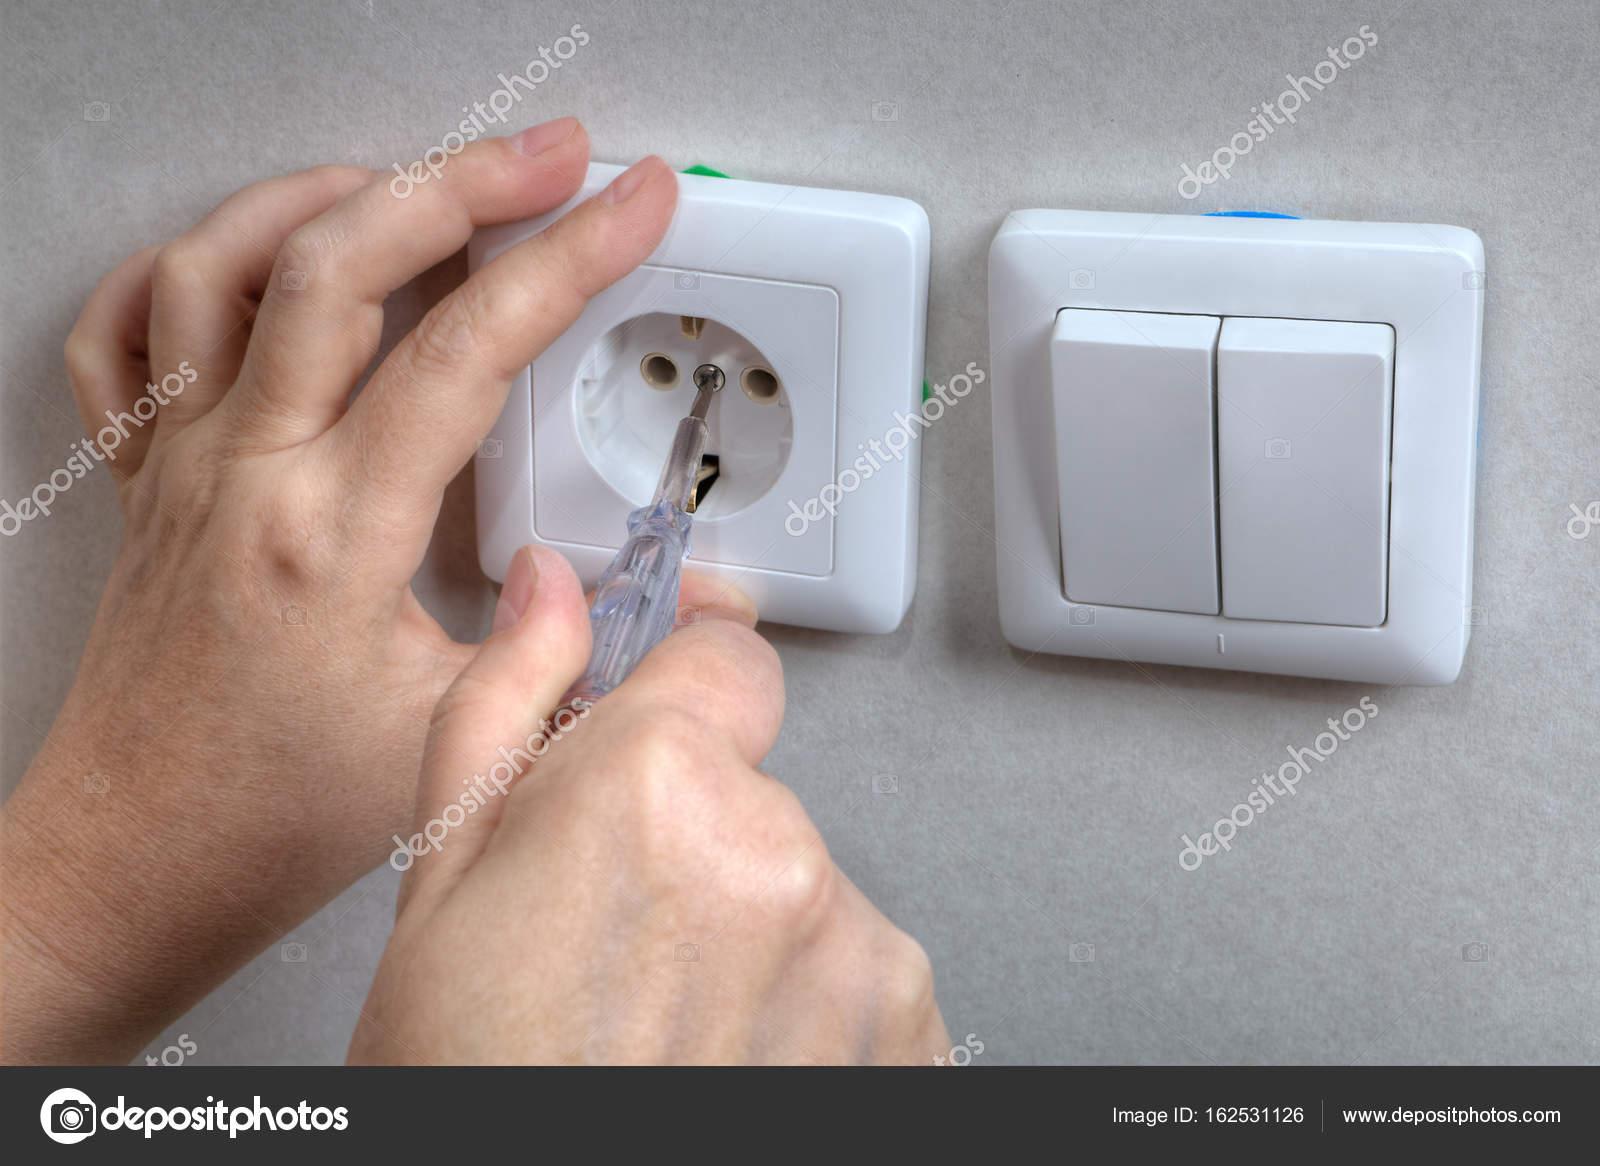 Elektriker Hände Installation elektrische Steckdosen und Licht ...